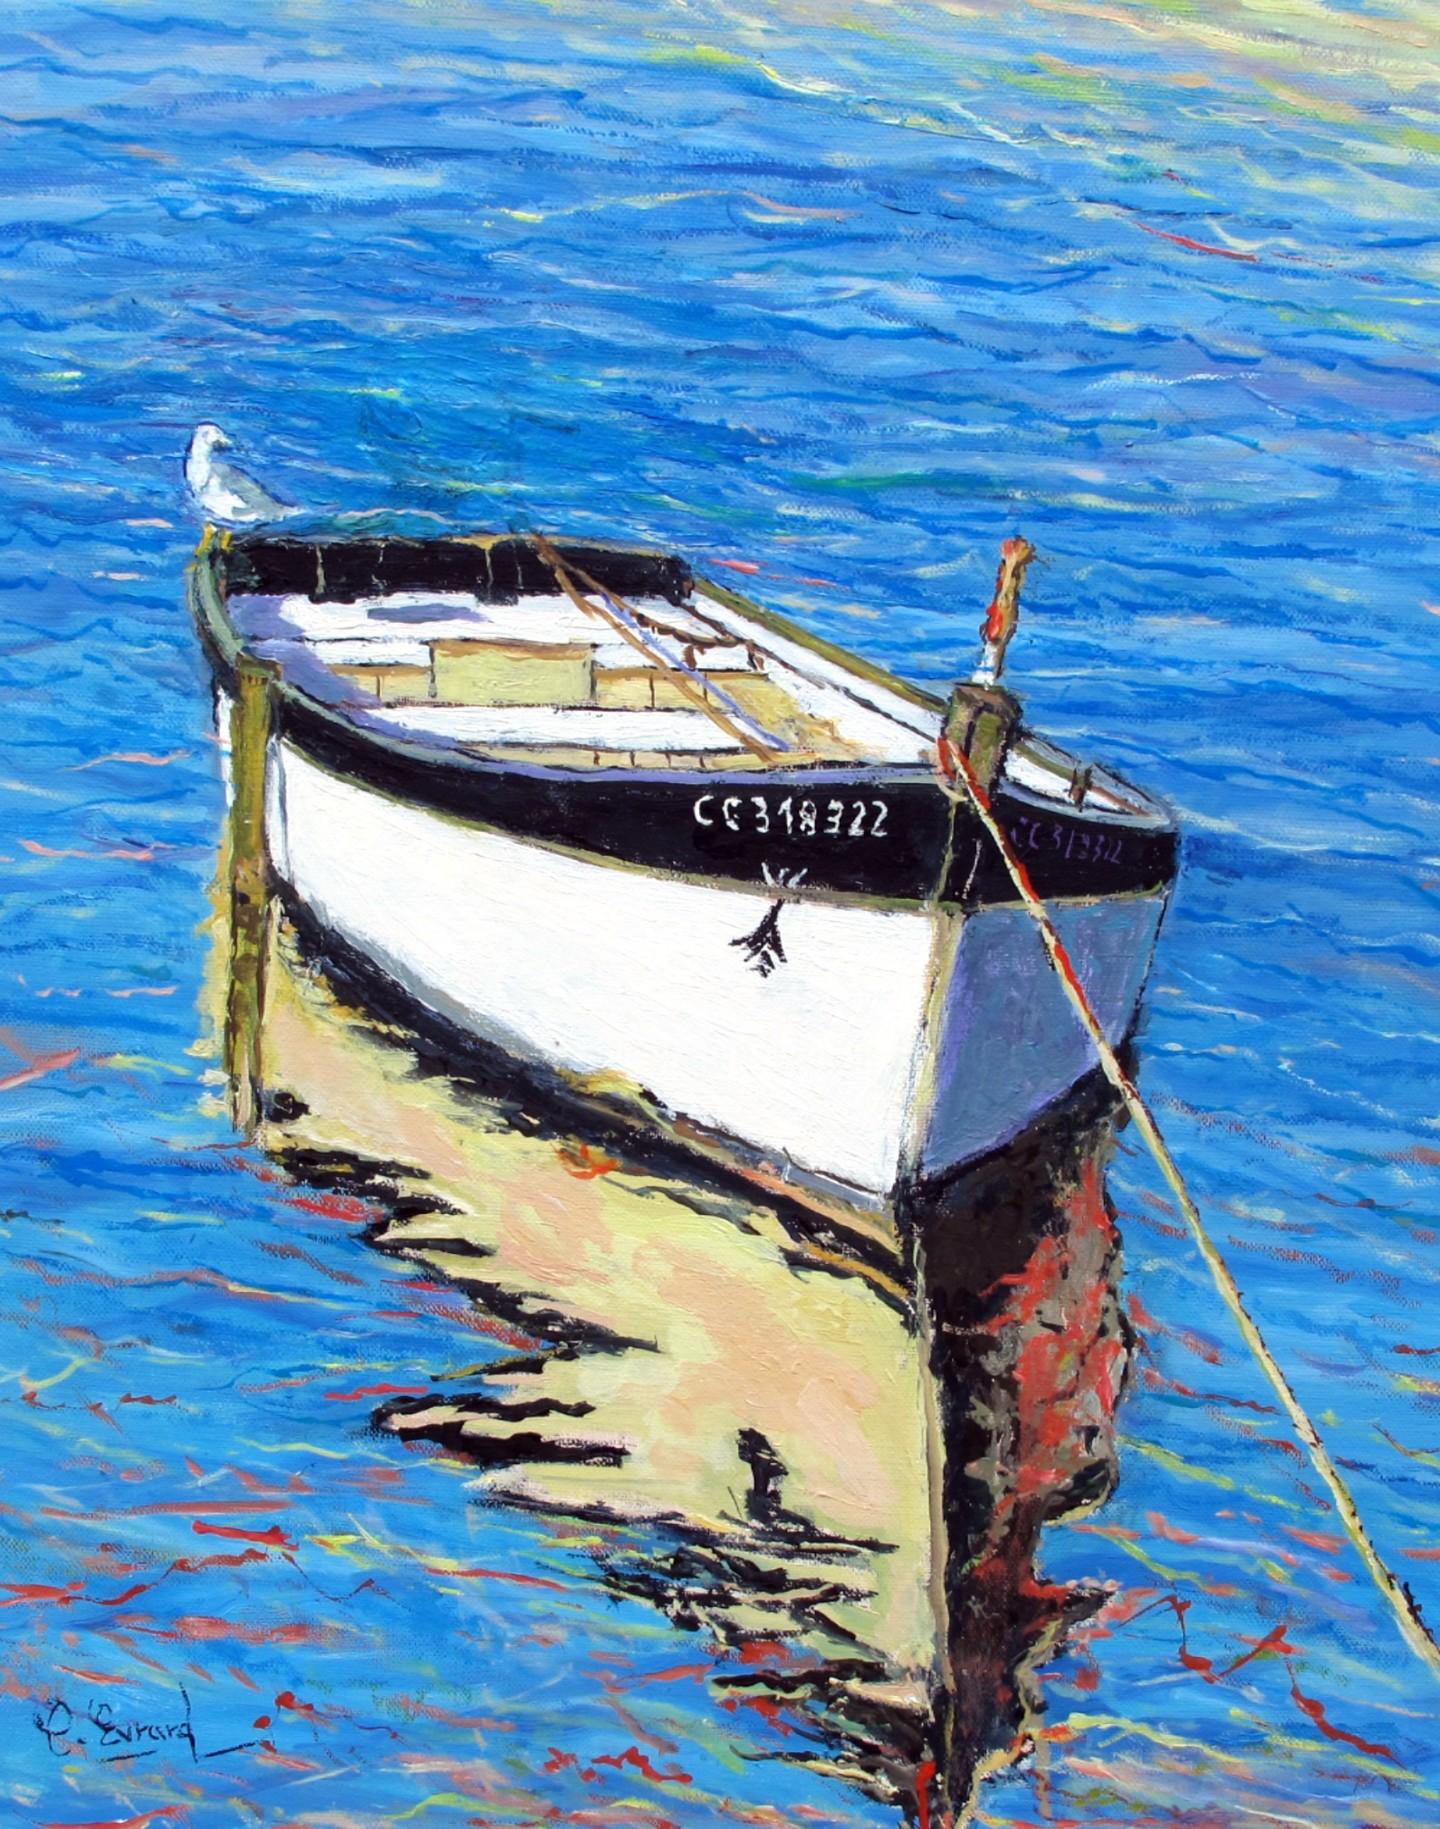 Claude Evrard - La barque et la mouette  (Concarneau)